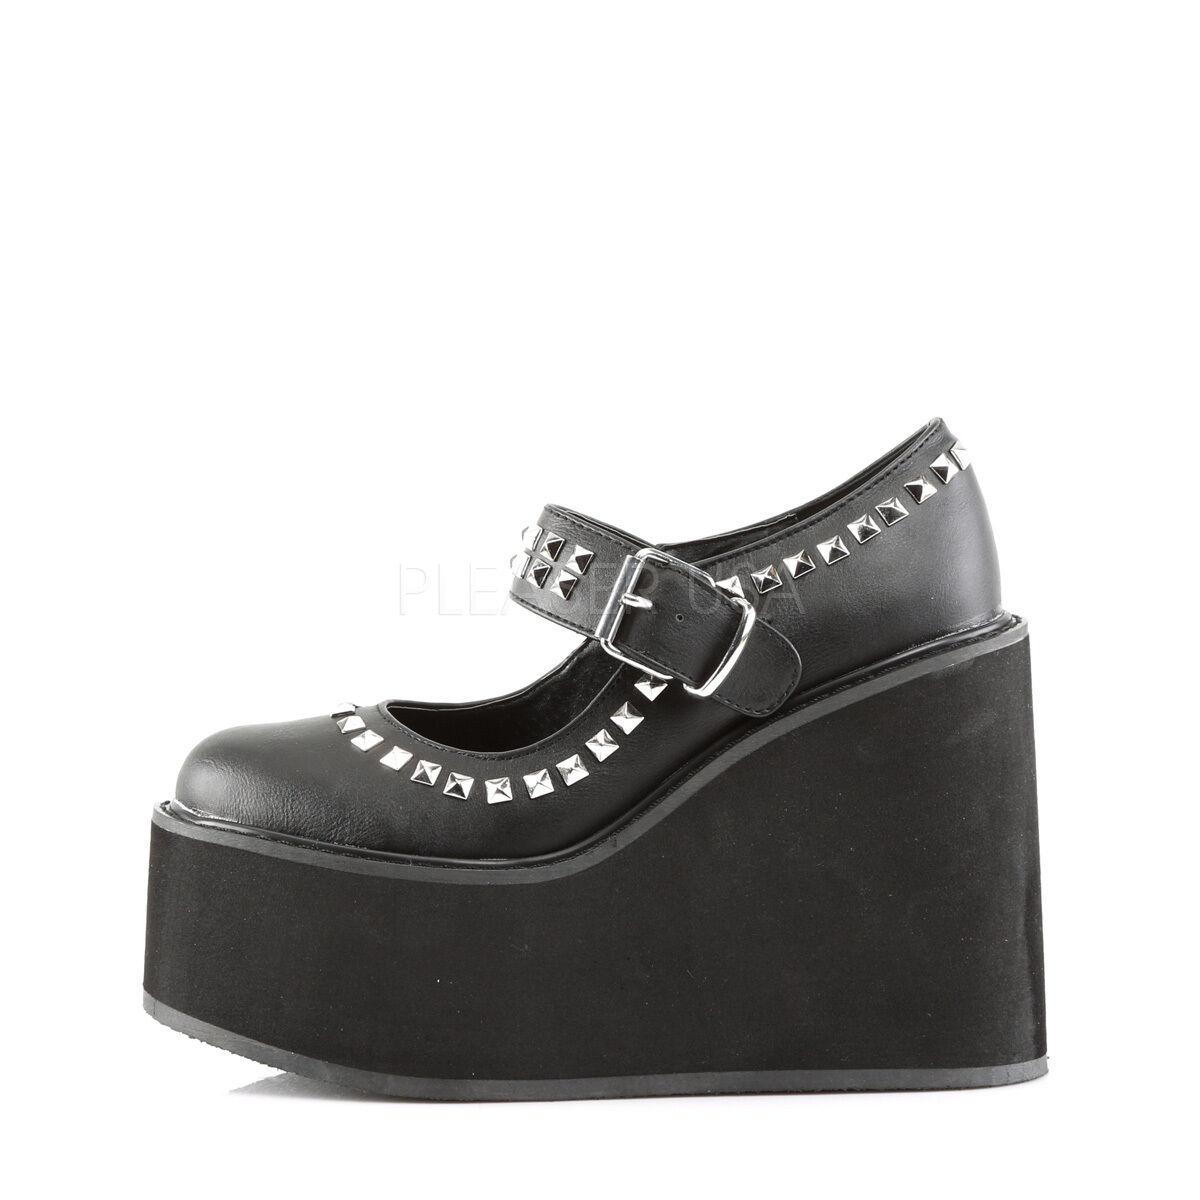 Demonia Swing 03 Ladies Hi Platform Wedge Goth Punk Mery Jane schwarz Schuhes